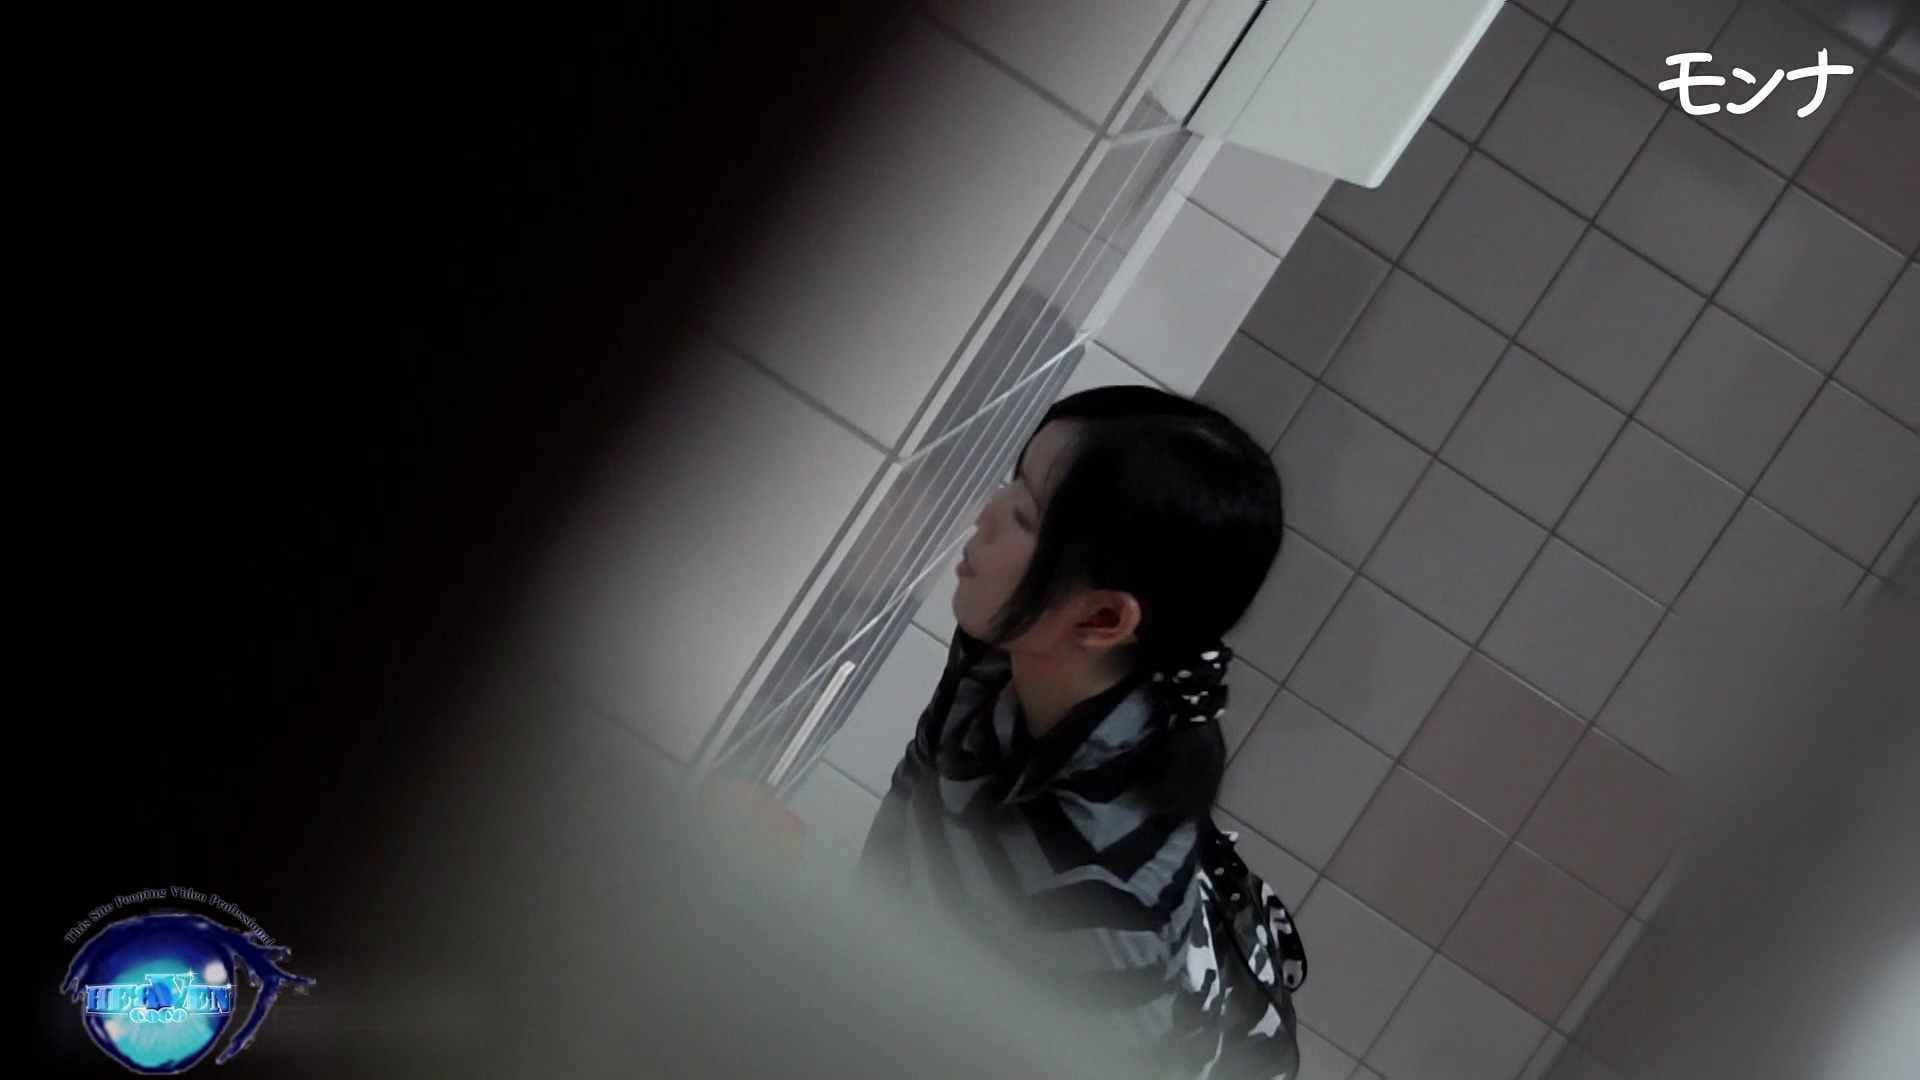 【美しい日本の未来】美しい日本の未来 No.79ロケ地変更、新アングル マンコ | 盗撮  63pic 15